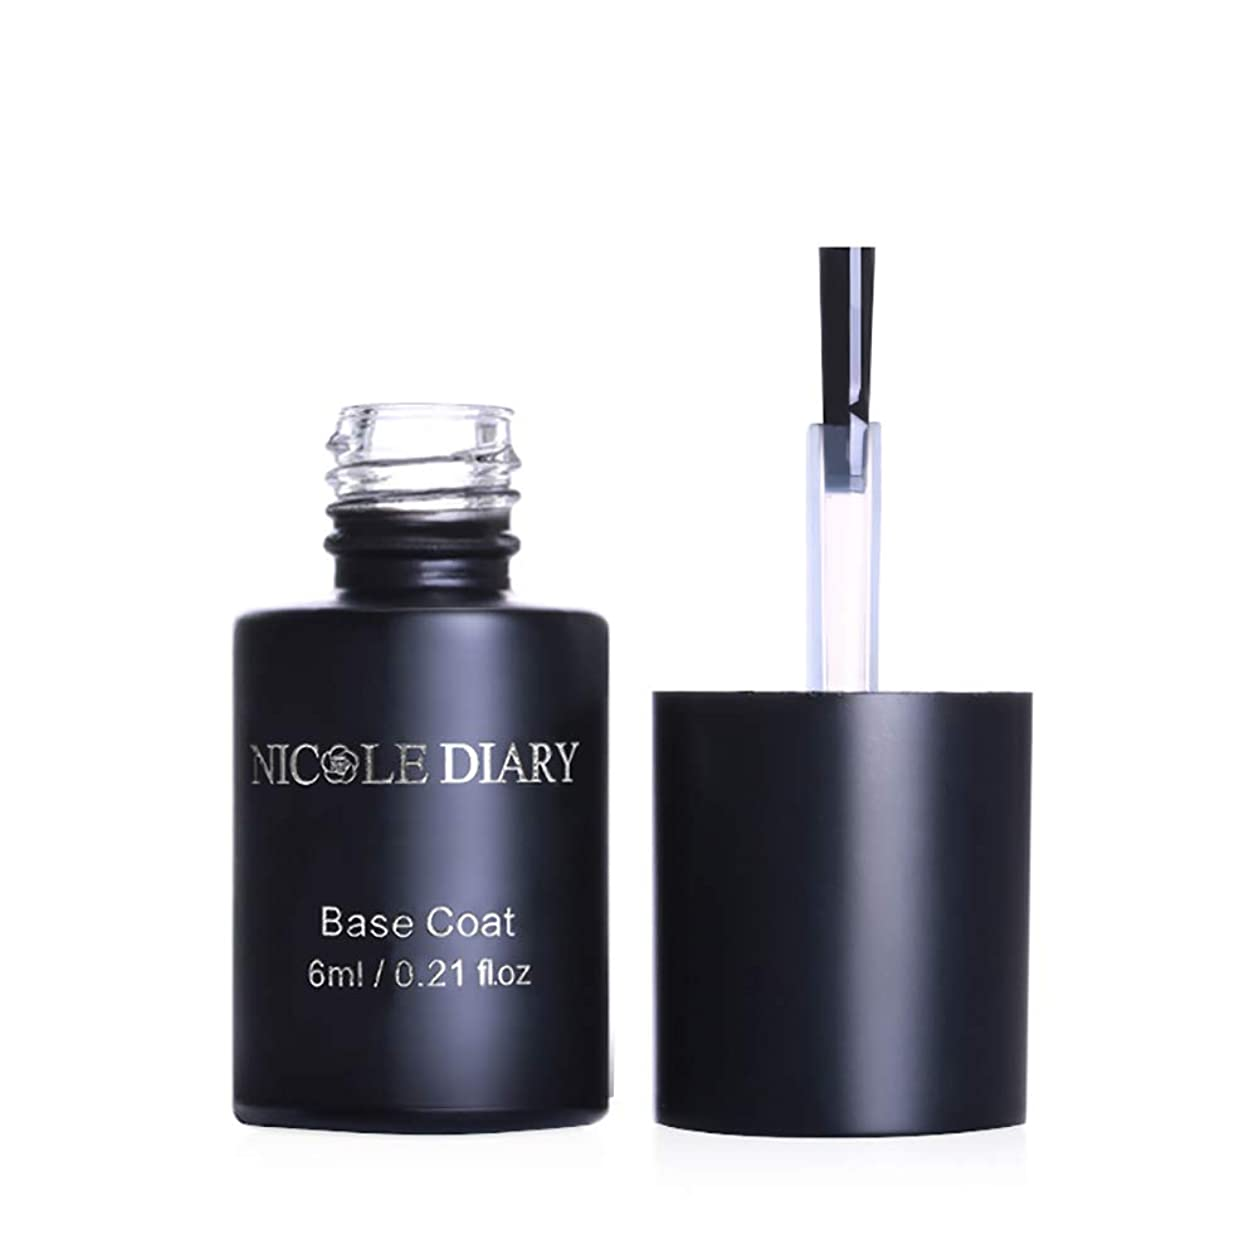 NICOLE DIARY はがせるベースジェル ピールオフ ベースコート 6ml UV/LED対応 リムーバー不要 はがせるネイル ジェルネイル [並行輸入品]